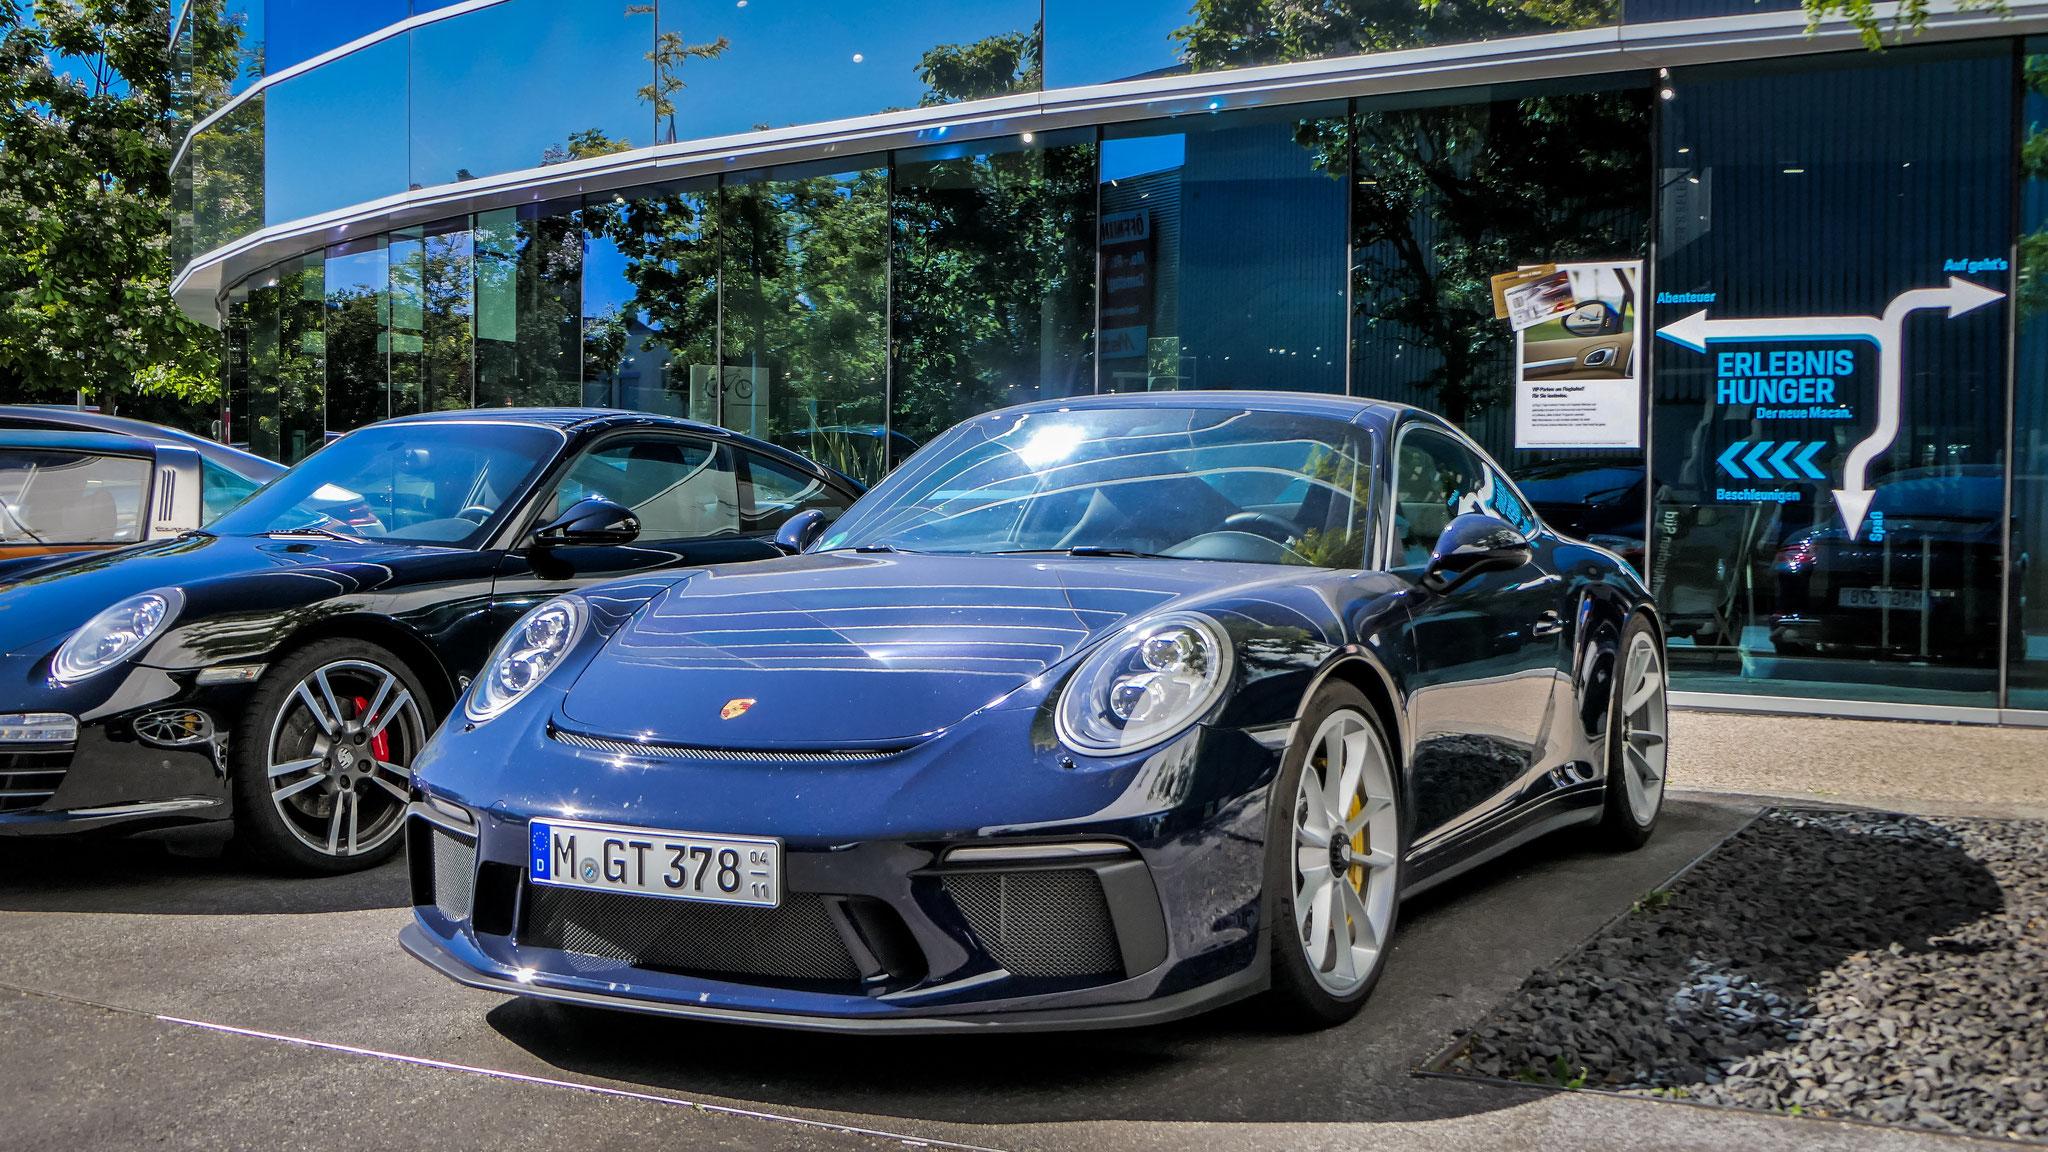 Porsche 991 GT3 Touring Package - M-GT-378